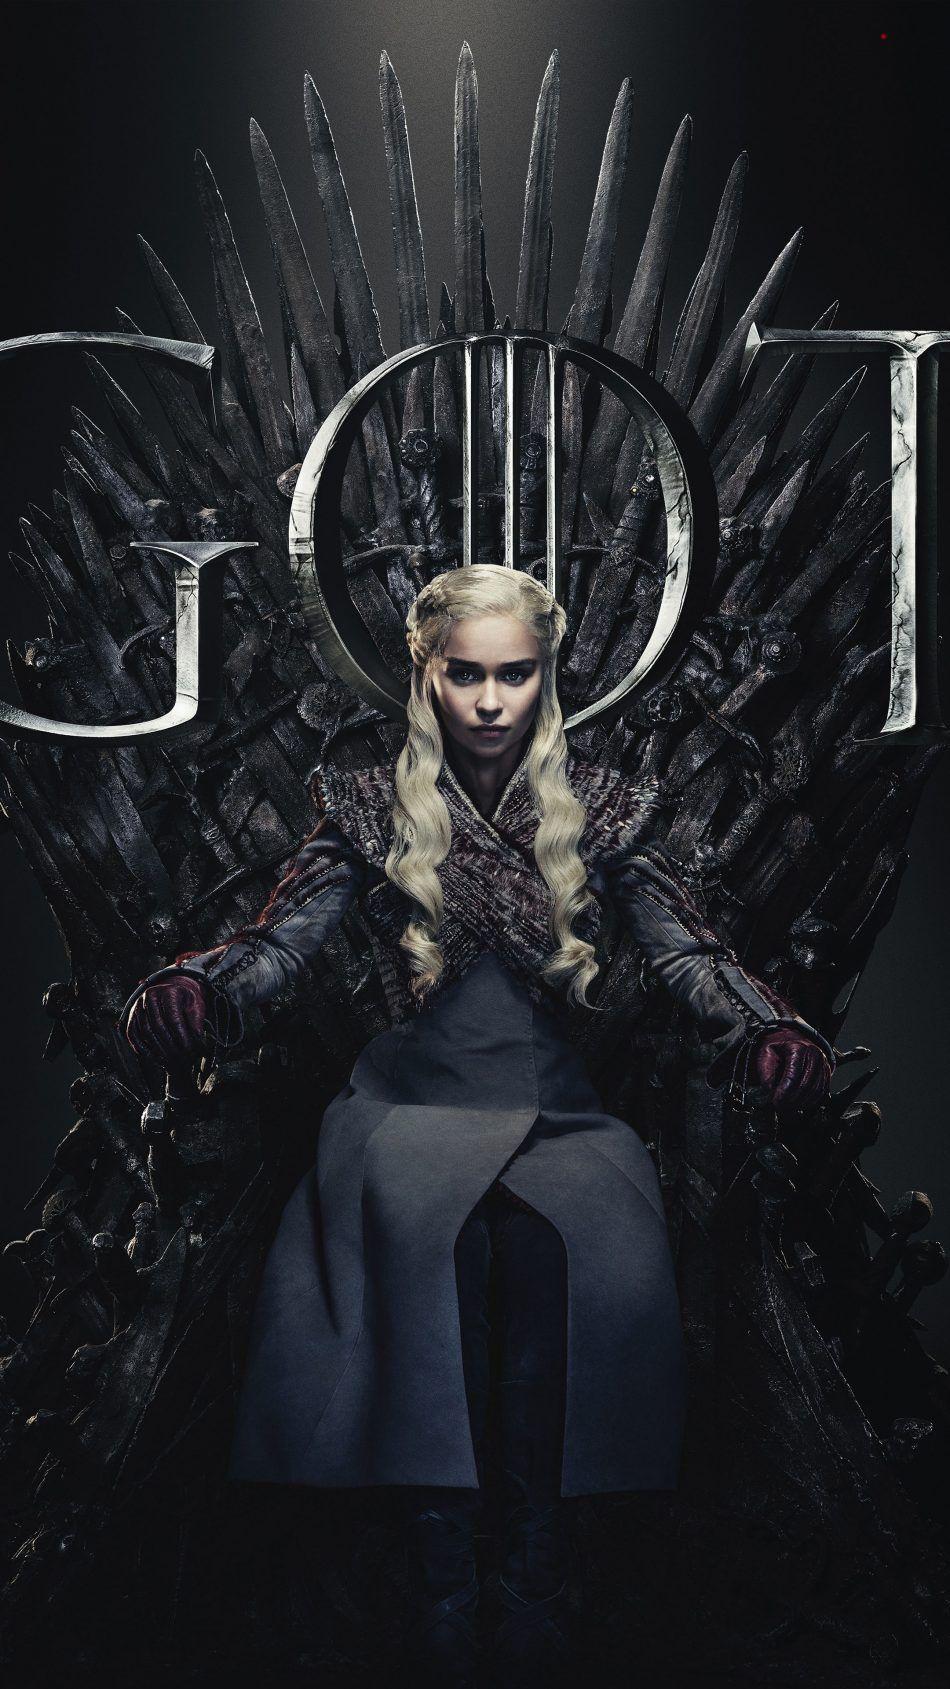 Daenerys Targaryen Game Of Thrones Season 8 Mother Of Dragons